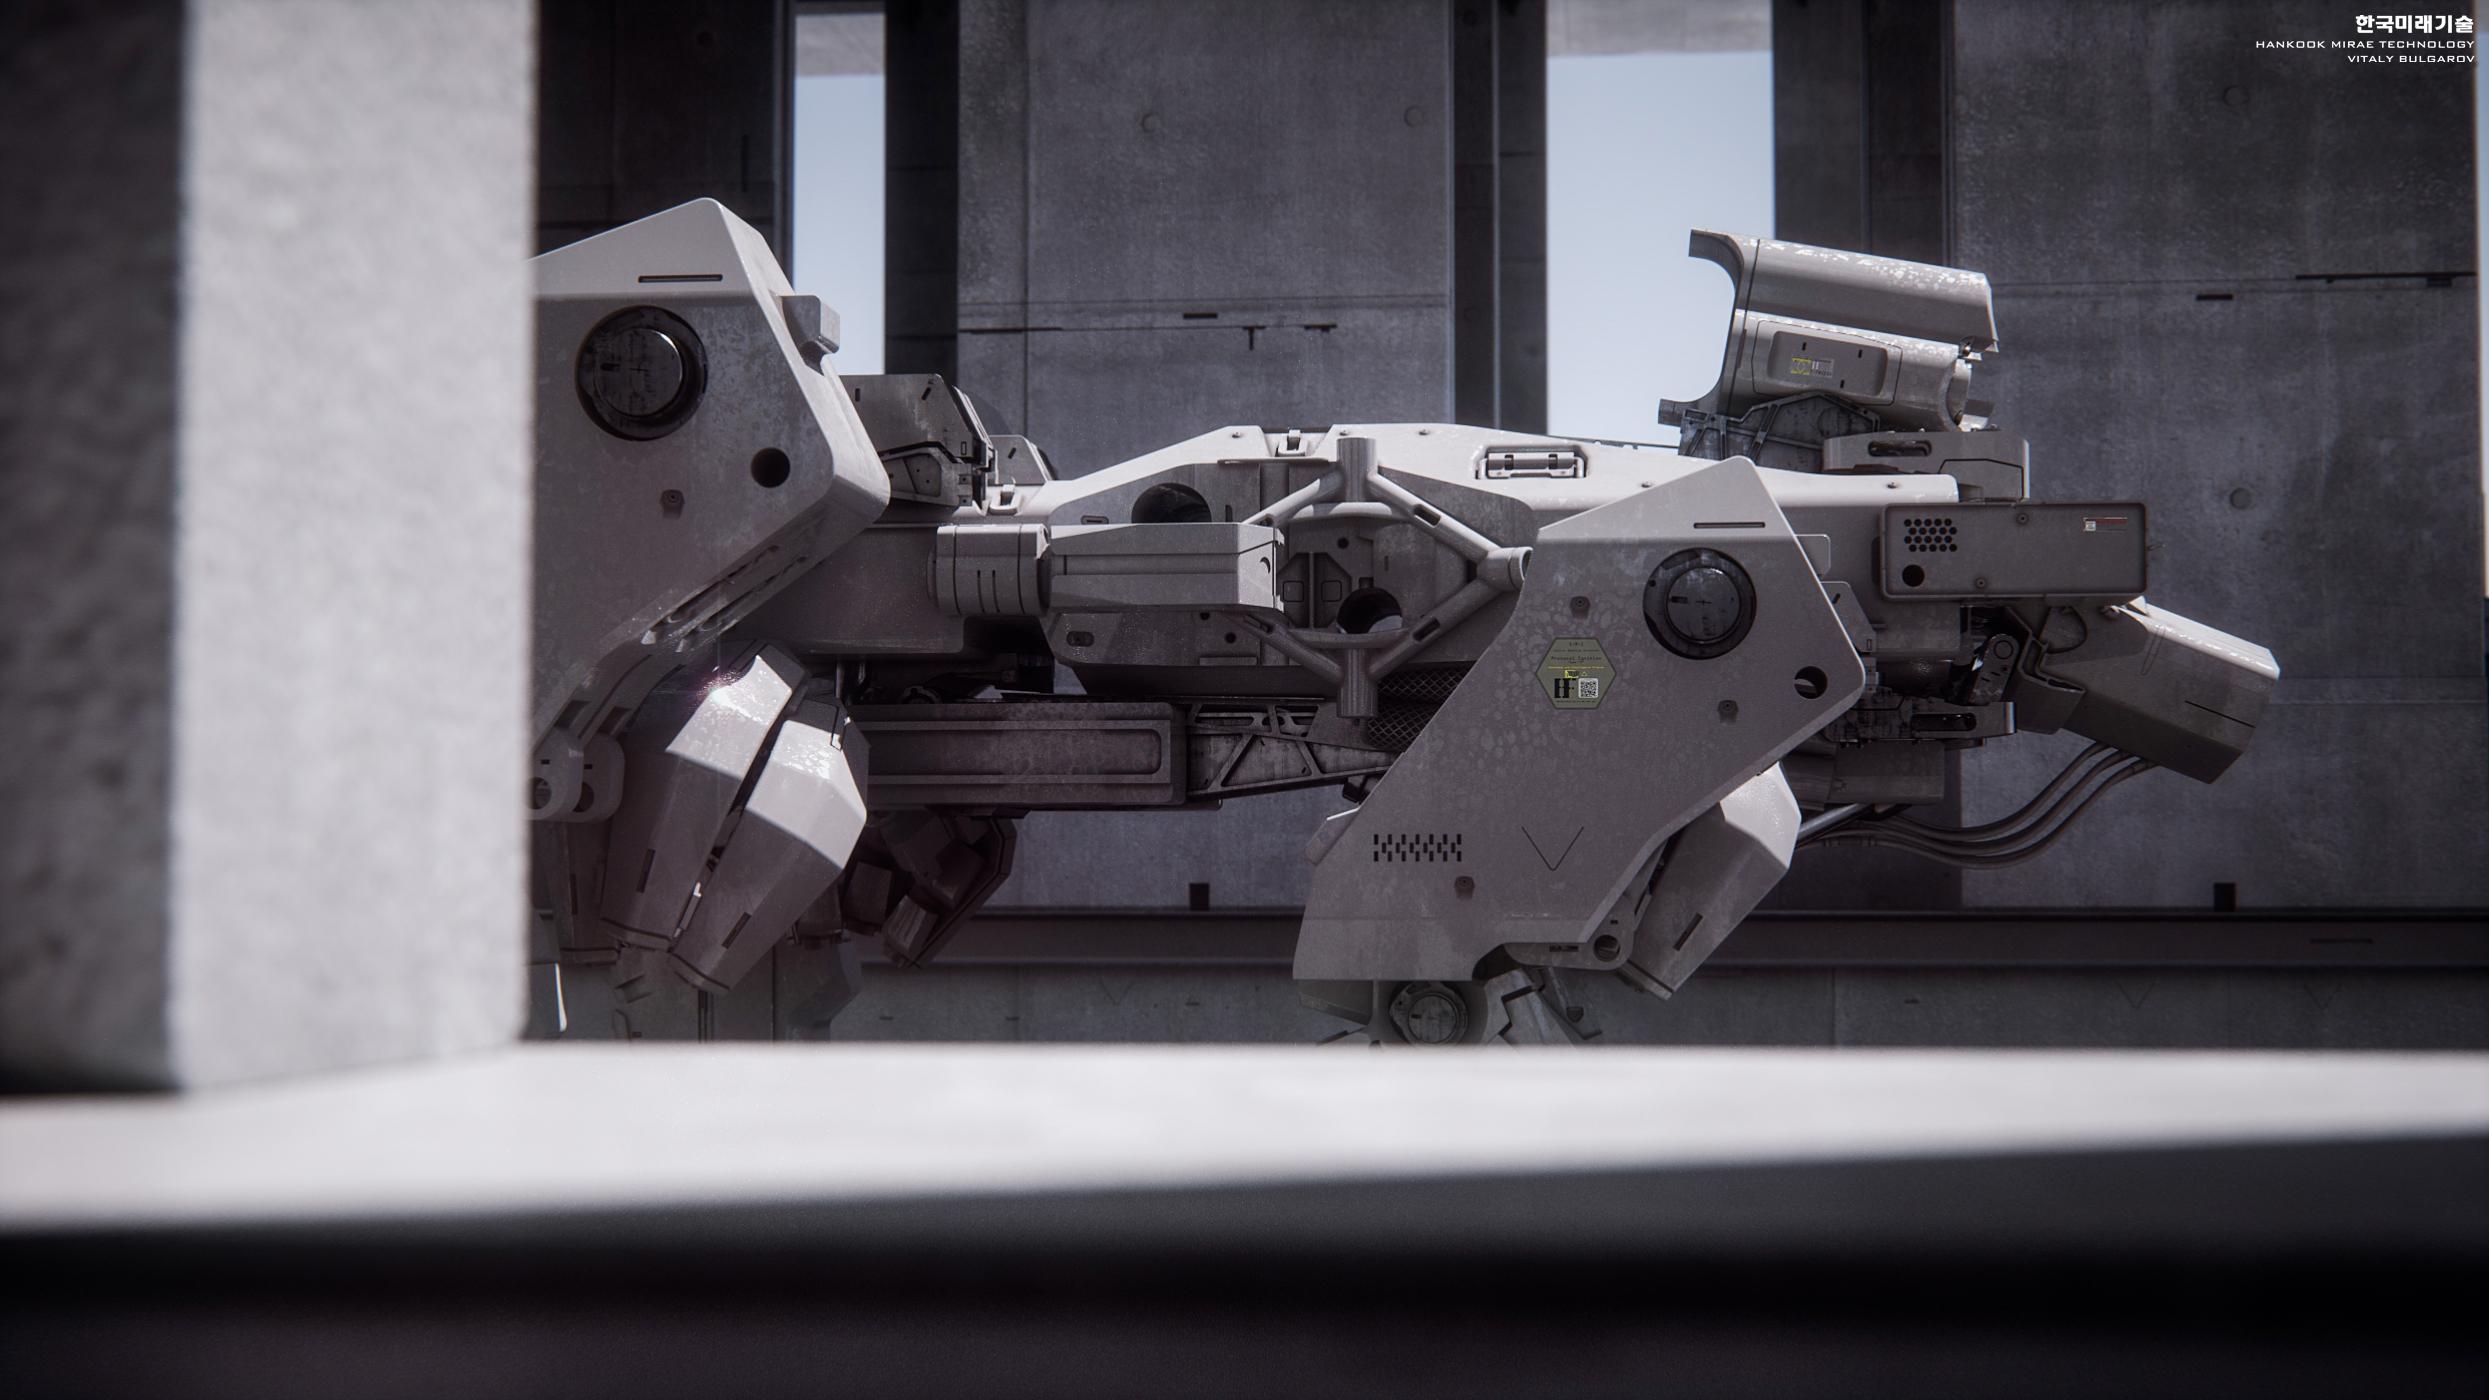 KFT_4LeggedRobot_V3_03.jpg